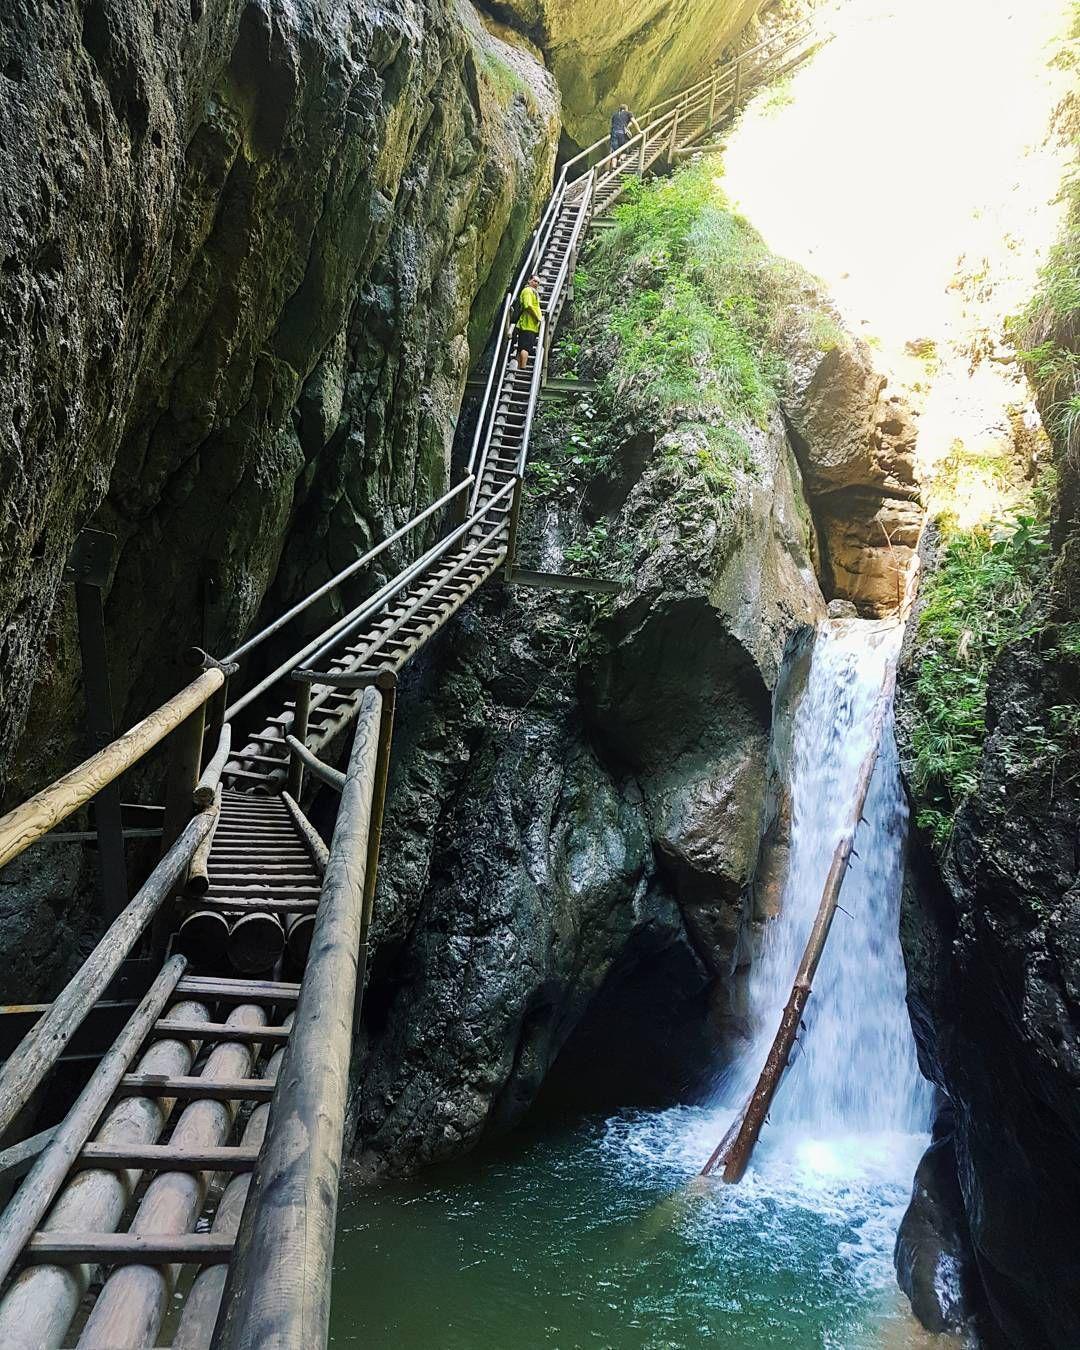 Erkundet die ausgefallensten Wanderungen in Österreich | 1000things.at #hikingtrails